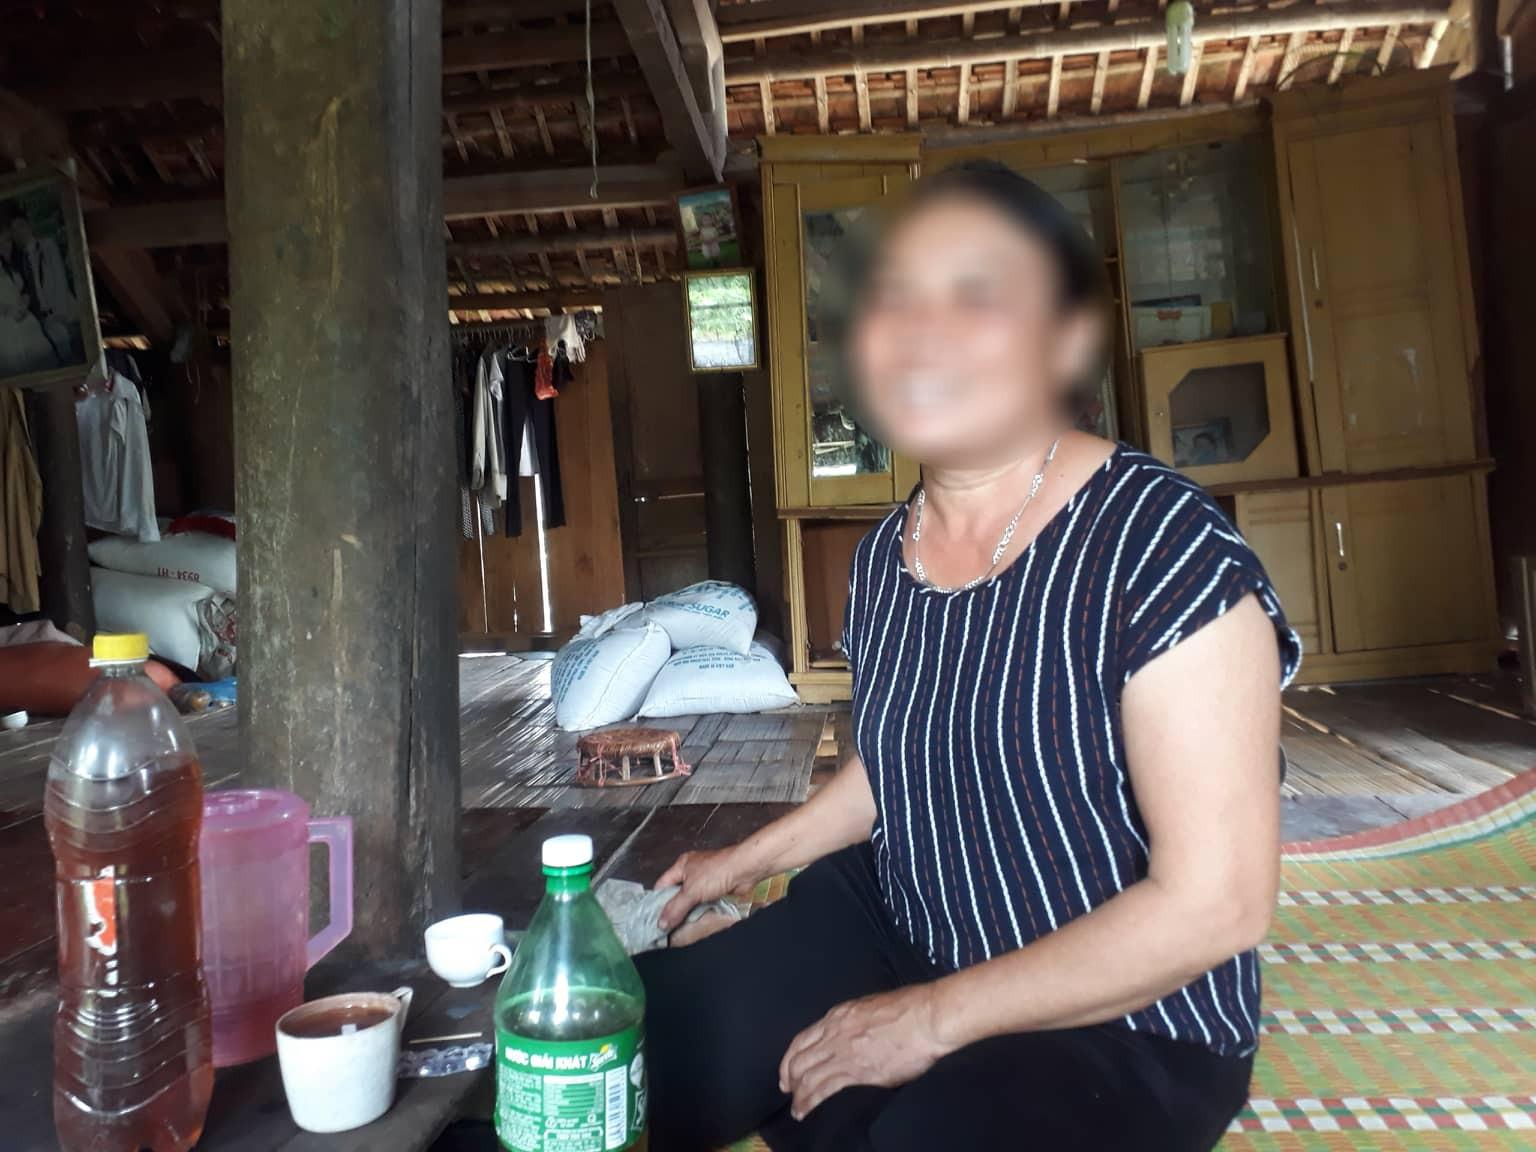 Vụ hàng chục người nhiễm HIV ở Phú Thọ: Bệnh nhân đầu tiên khẳng định bị nhiễm HIV trước khi đến tiêm tại nhà y sỹ T. - Ảnh 2.